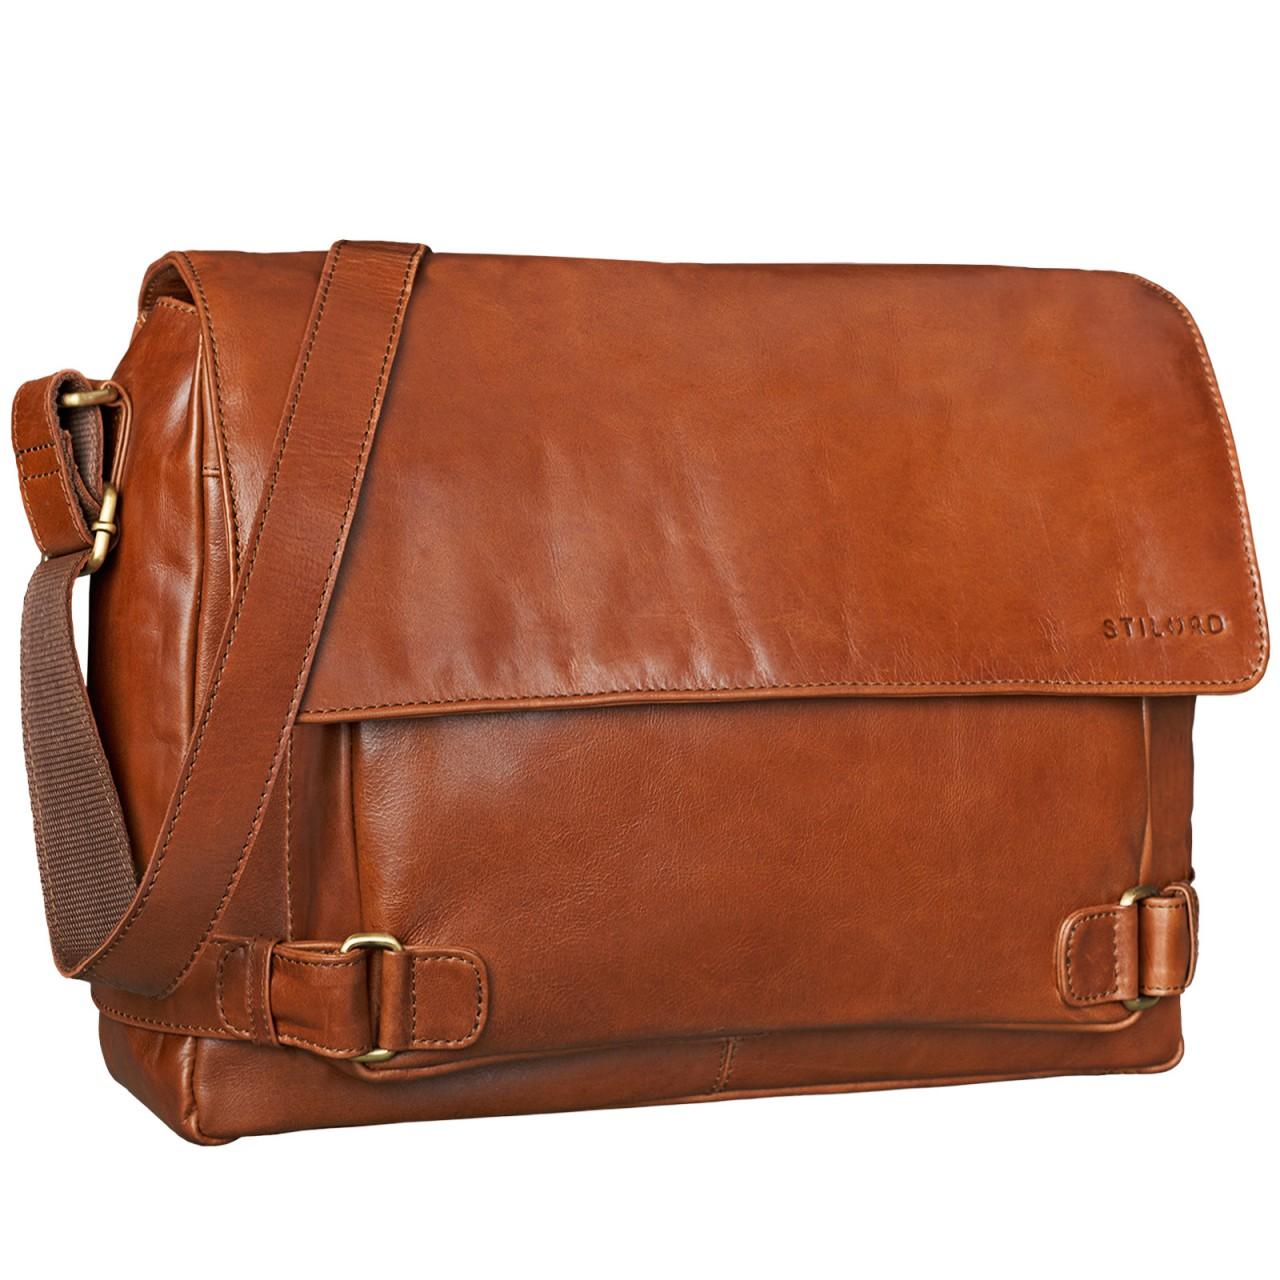 """STILORD """"Luca"""" Leder Businesstasche 15,6 Zoll Laptop Messenger Bag Vintage Aktentasche Umhängetasche Schultertasche Unisex Echtleder - Bild 10"""